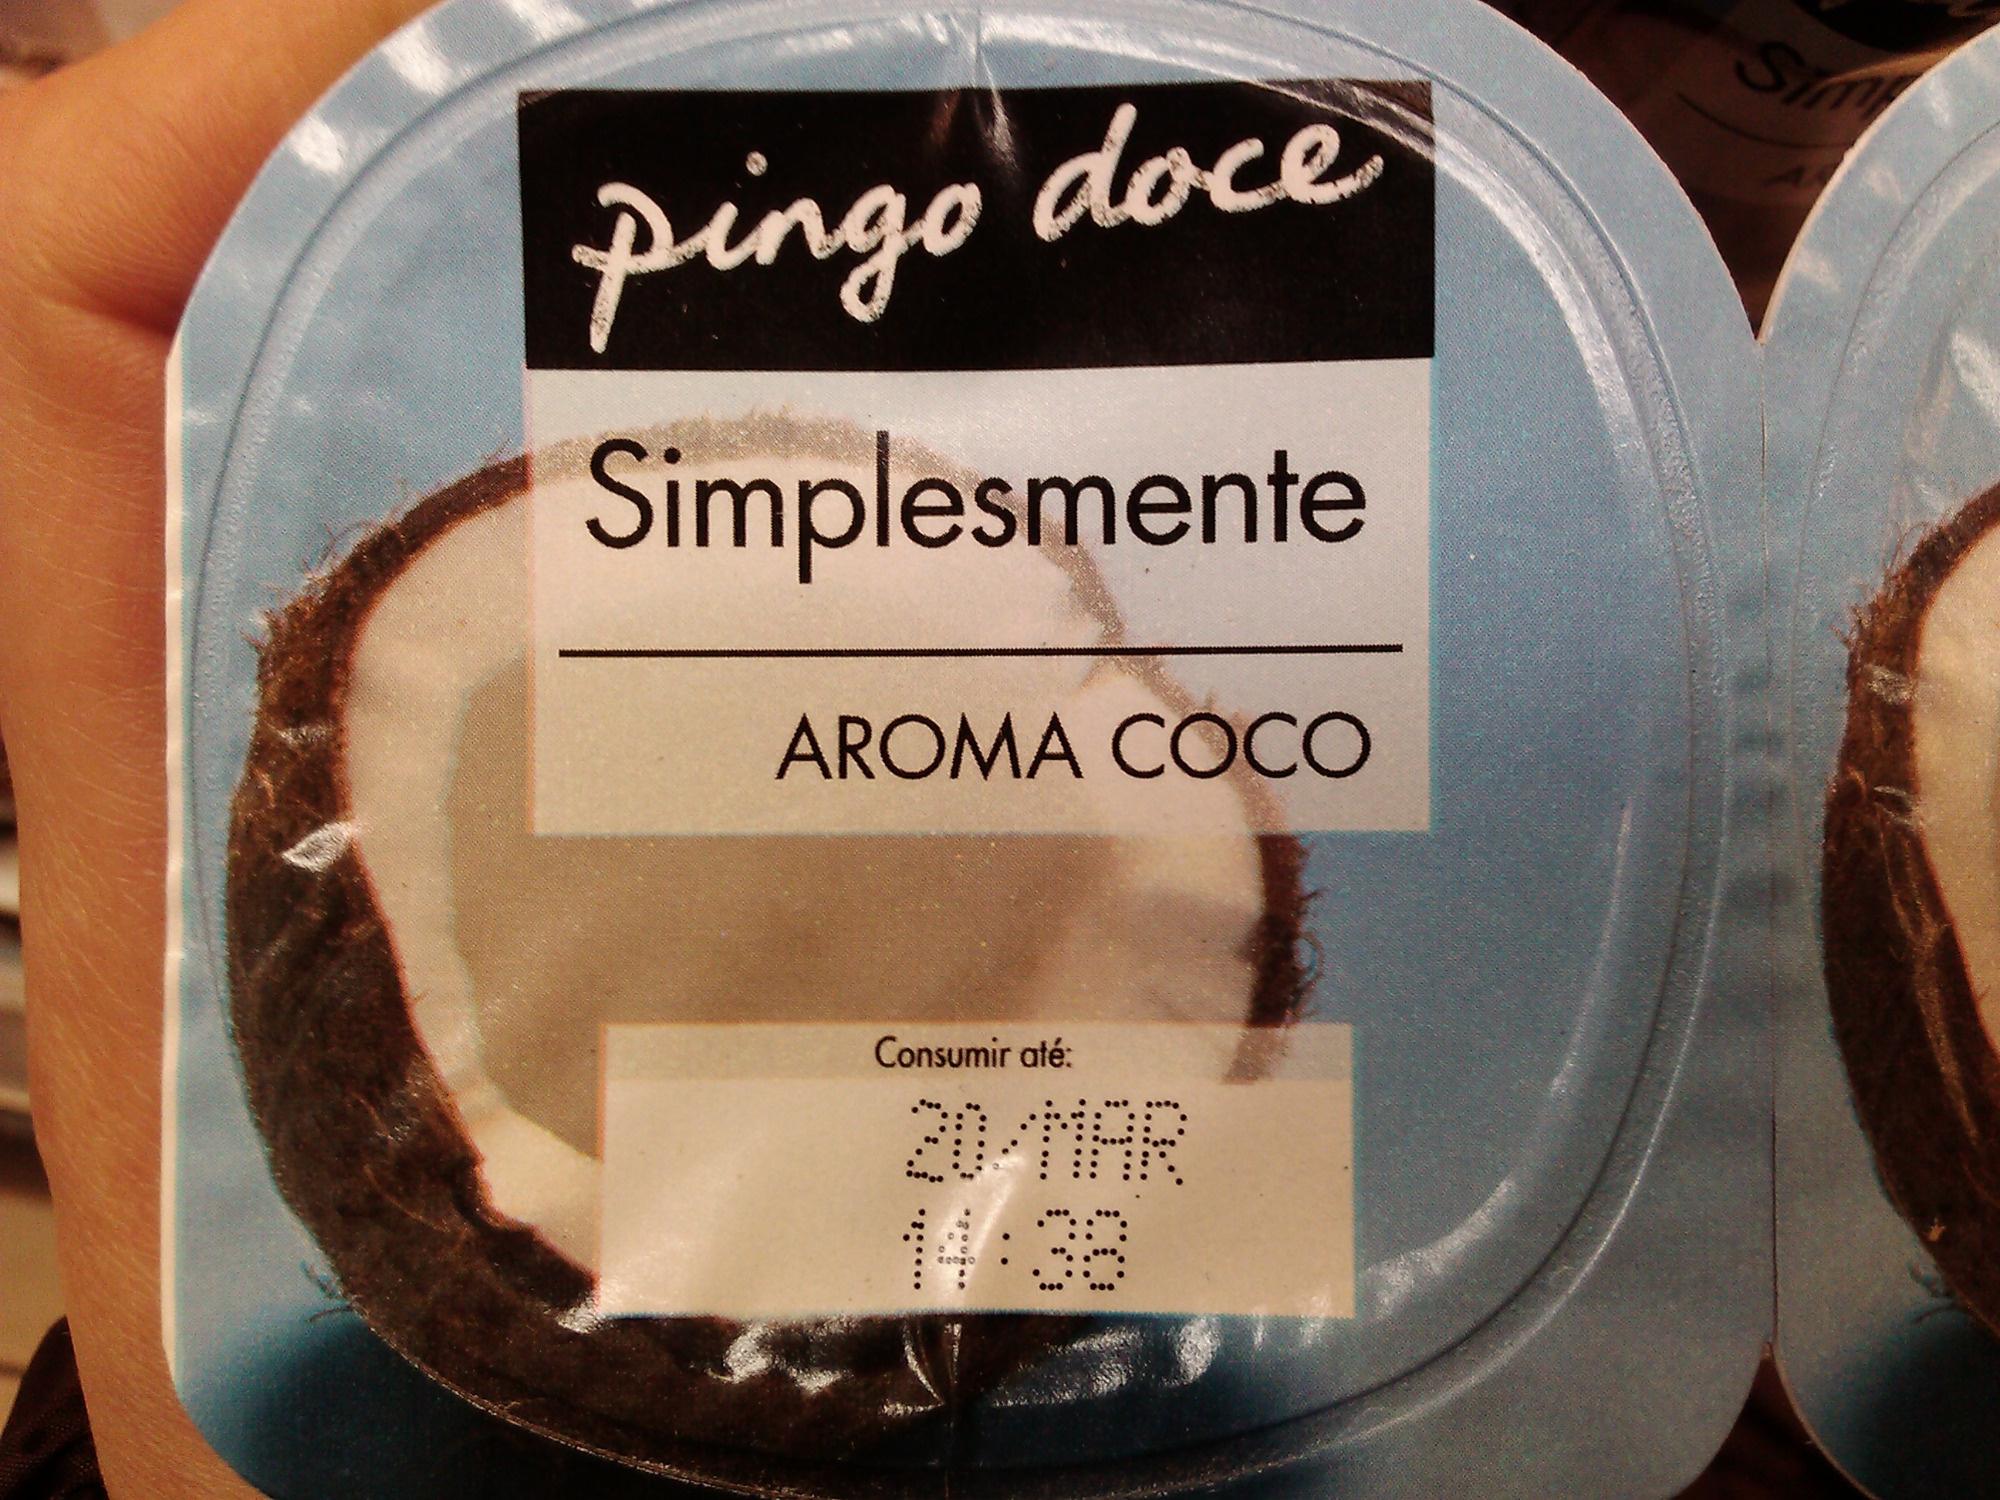 Pingo Doce Simplesmente Aroma Coco - Produto - pt